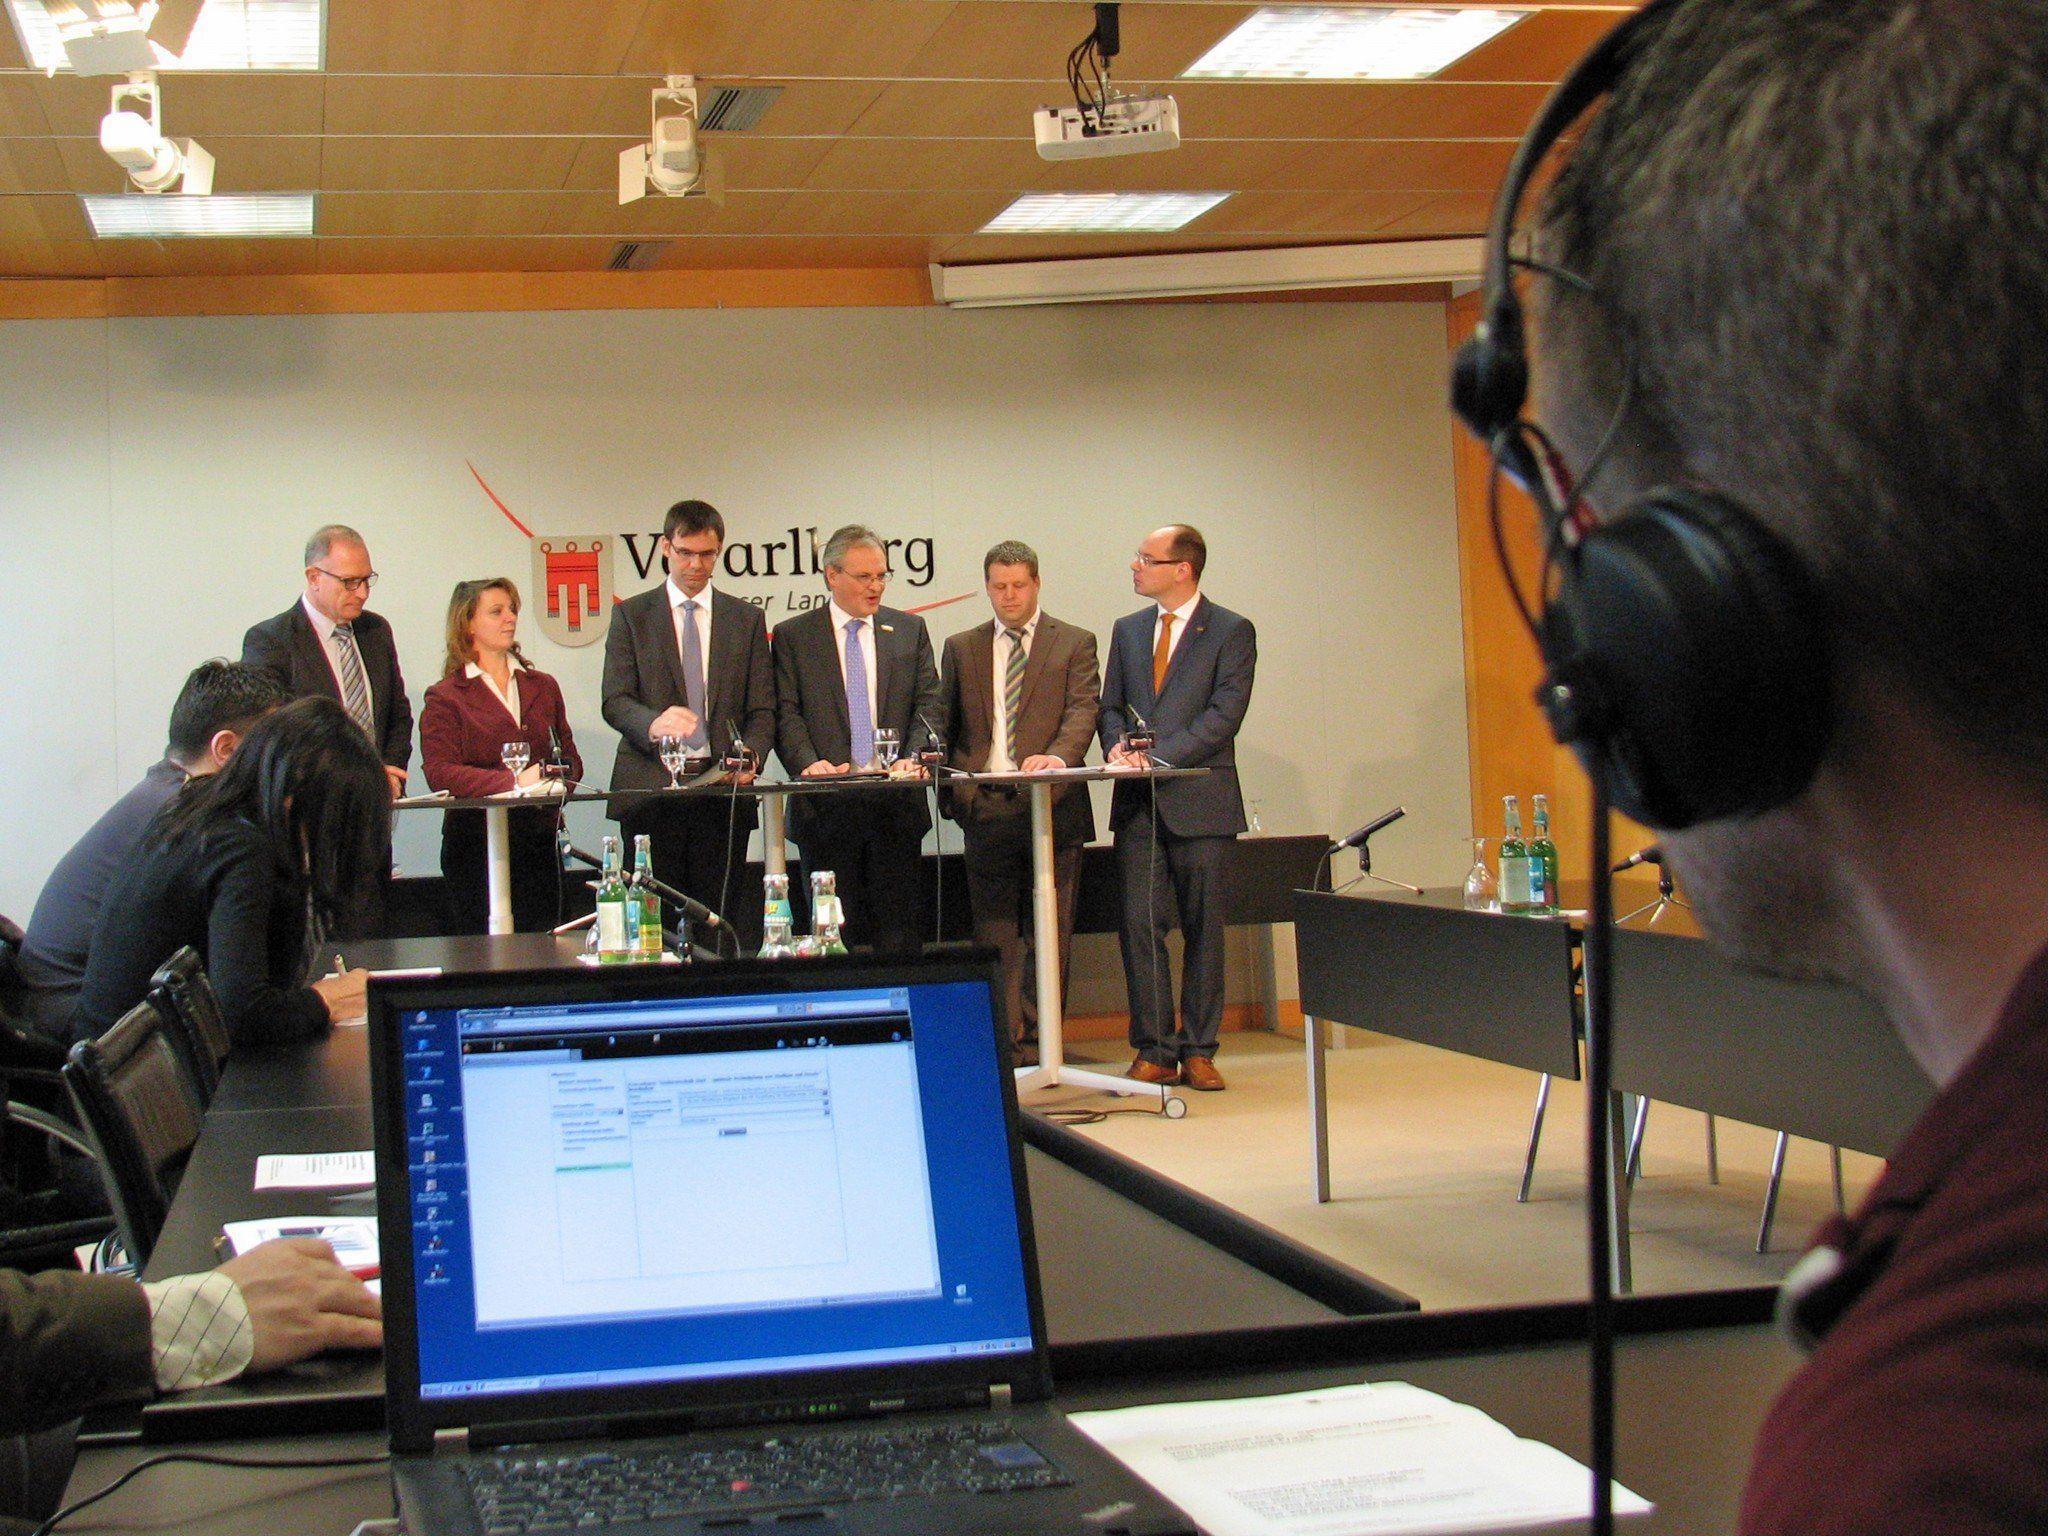 LH Wallner, LR Sonderegger, FH-Geschäftsführer Fitz-Rankl sowie Martina Draxl (Baur Prüf- und Messtechnik) und Steffen Steckbauer (Lorünser Austria) nahmen Stellung zum neuen FH-Studium Elektrotechnik Dual